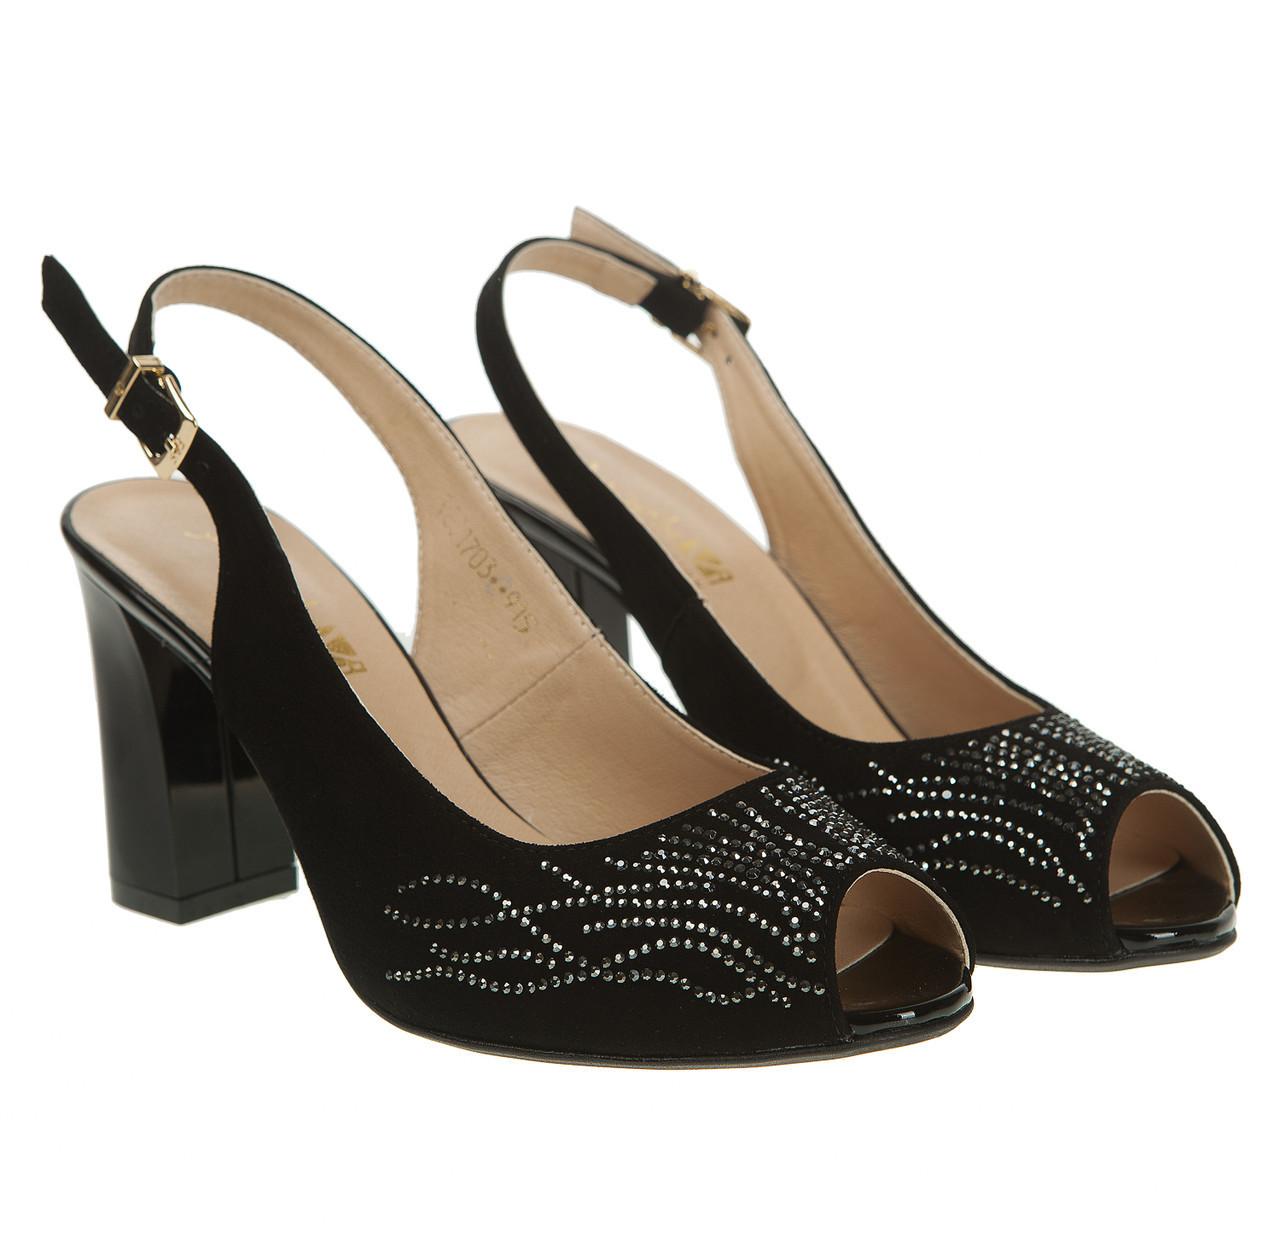 69b356294 Босоножки женские Angels (черные, замшевые, со стразами, на высоком  каблуке) -